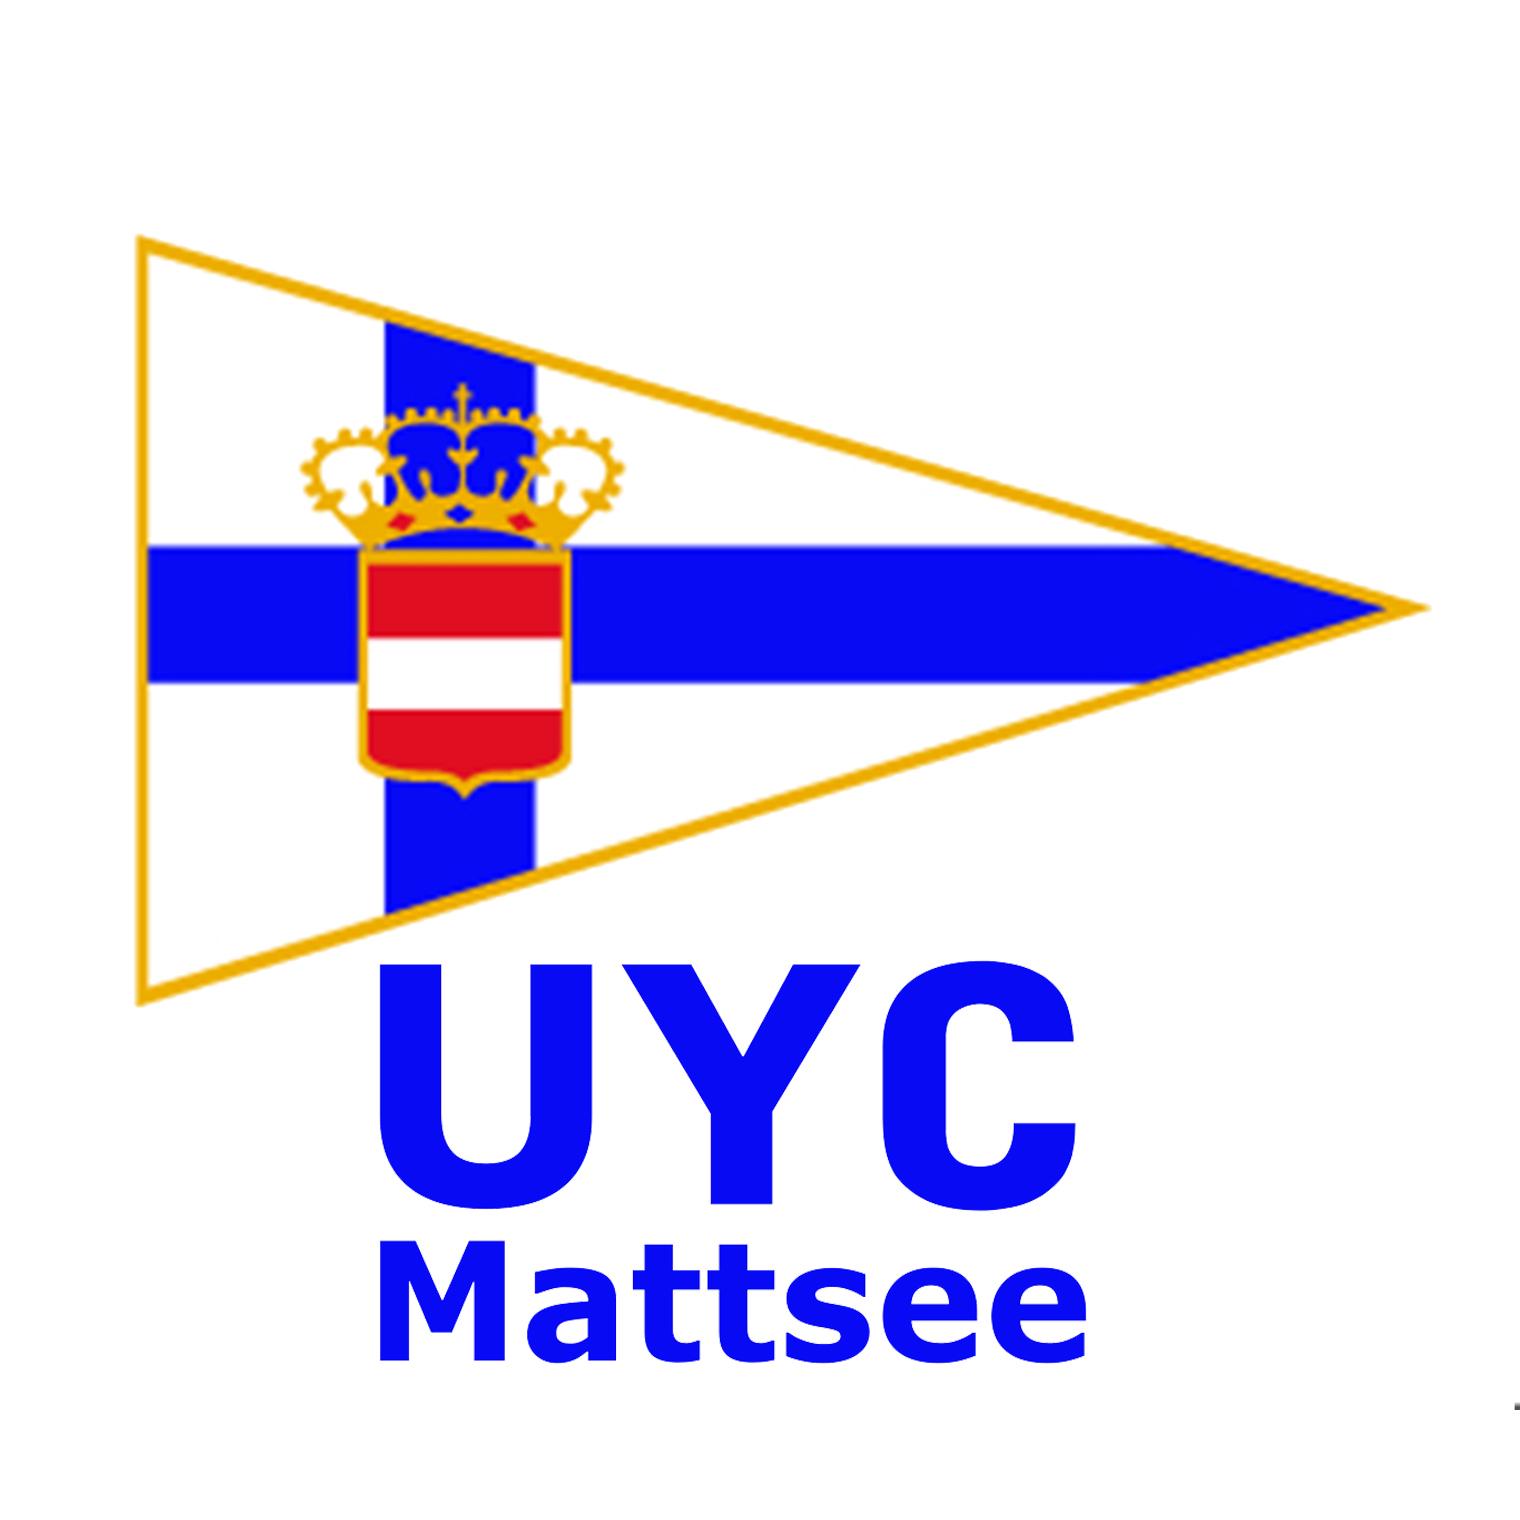 UYC Mattsee